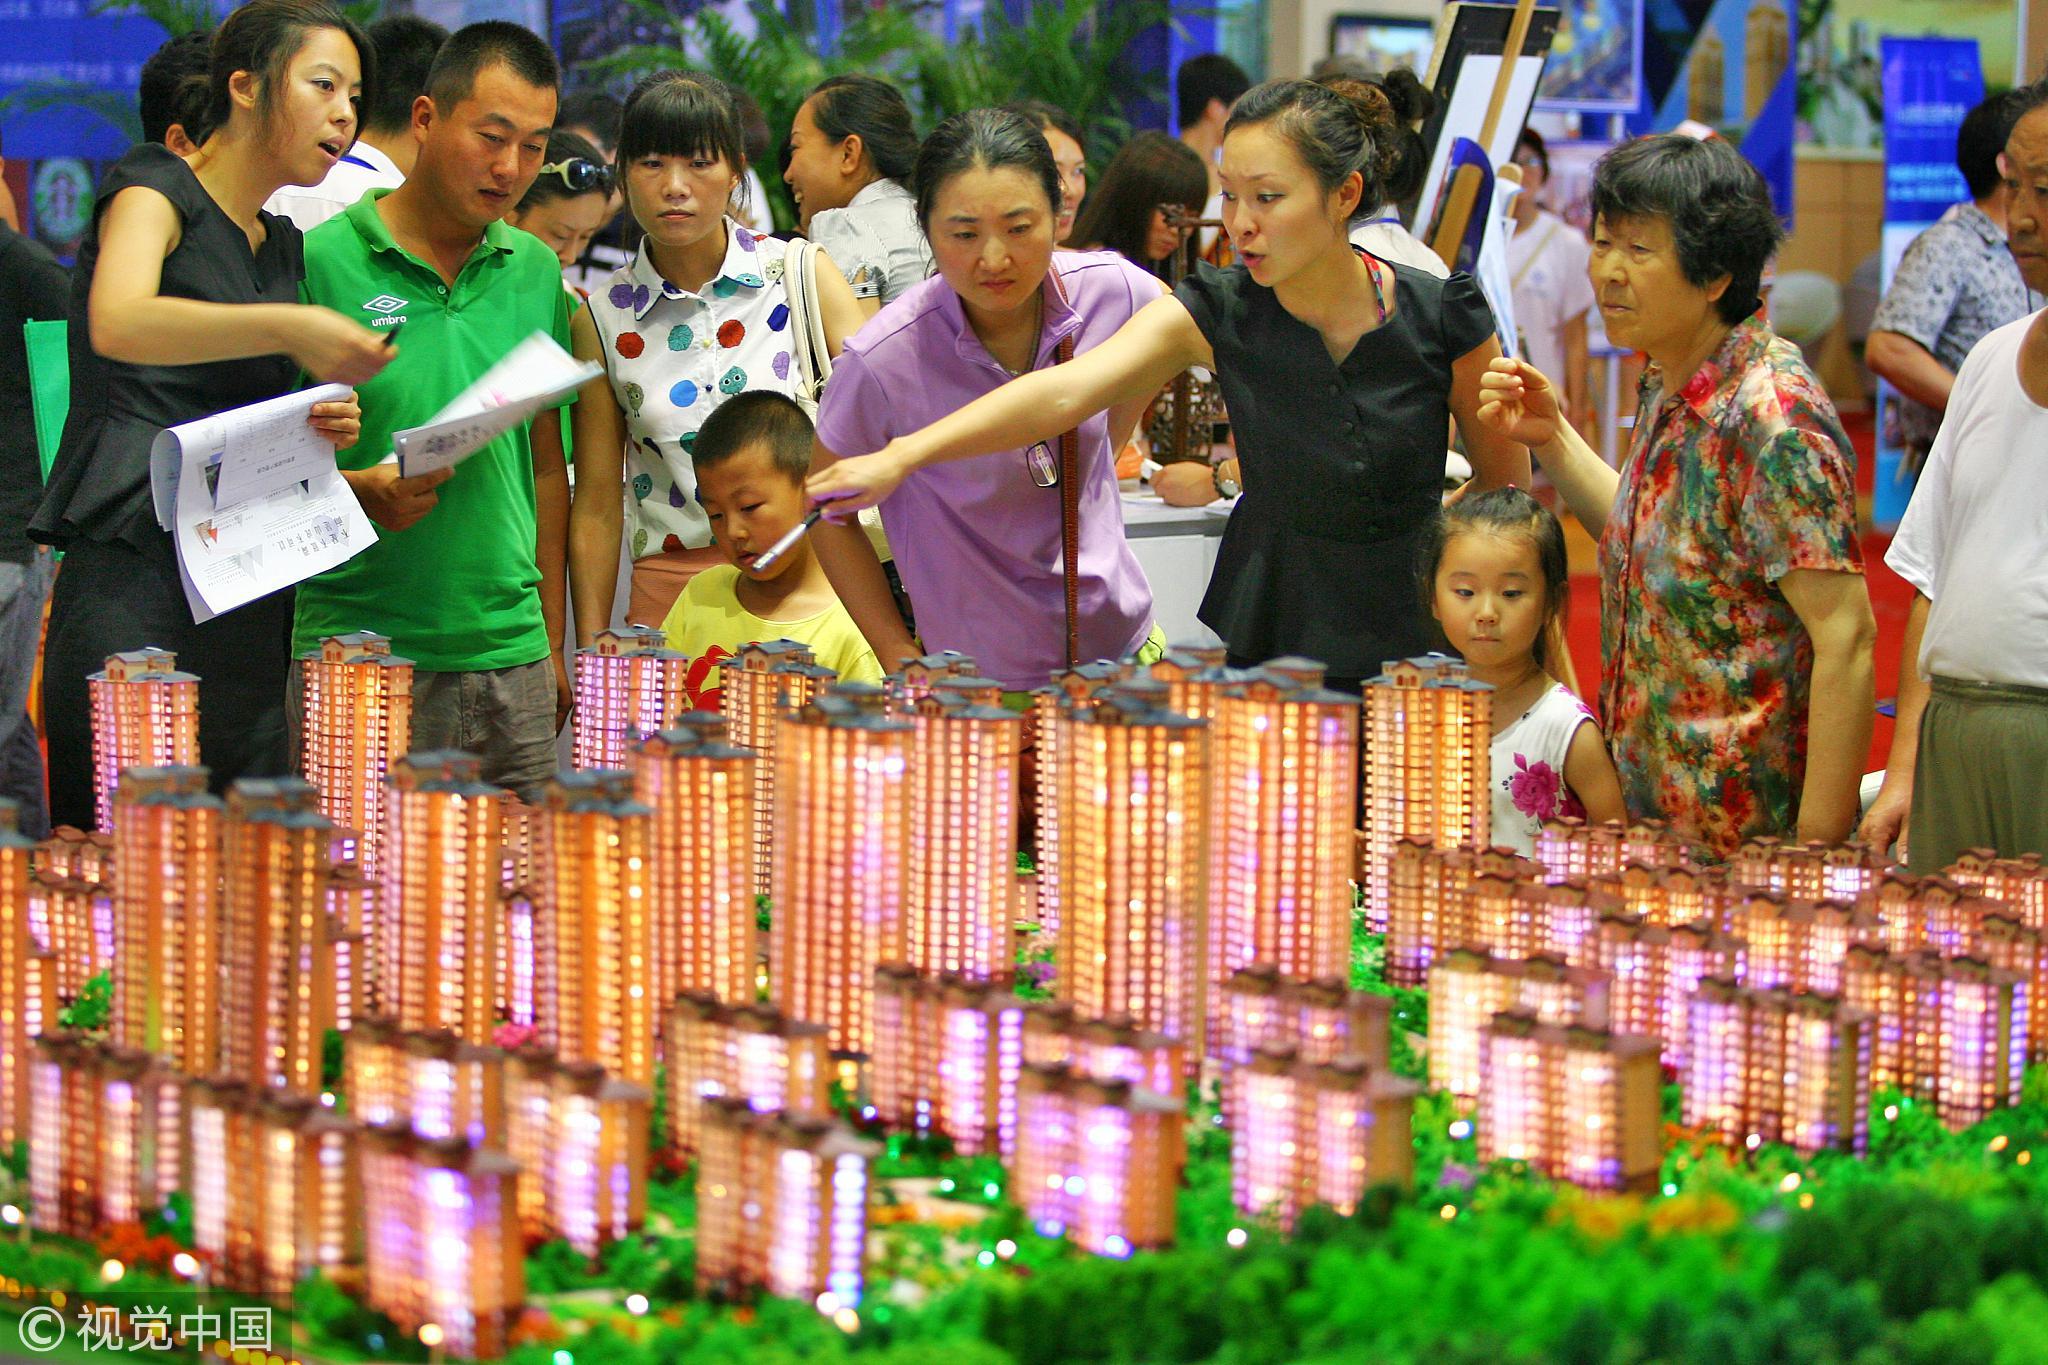 2013年7月19日,人们在中国(烟台)国际住宅产业博览会上看房。 / 视觉中国